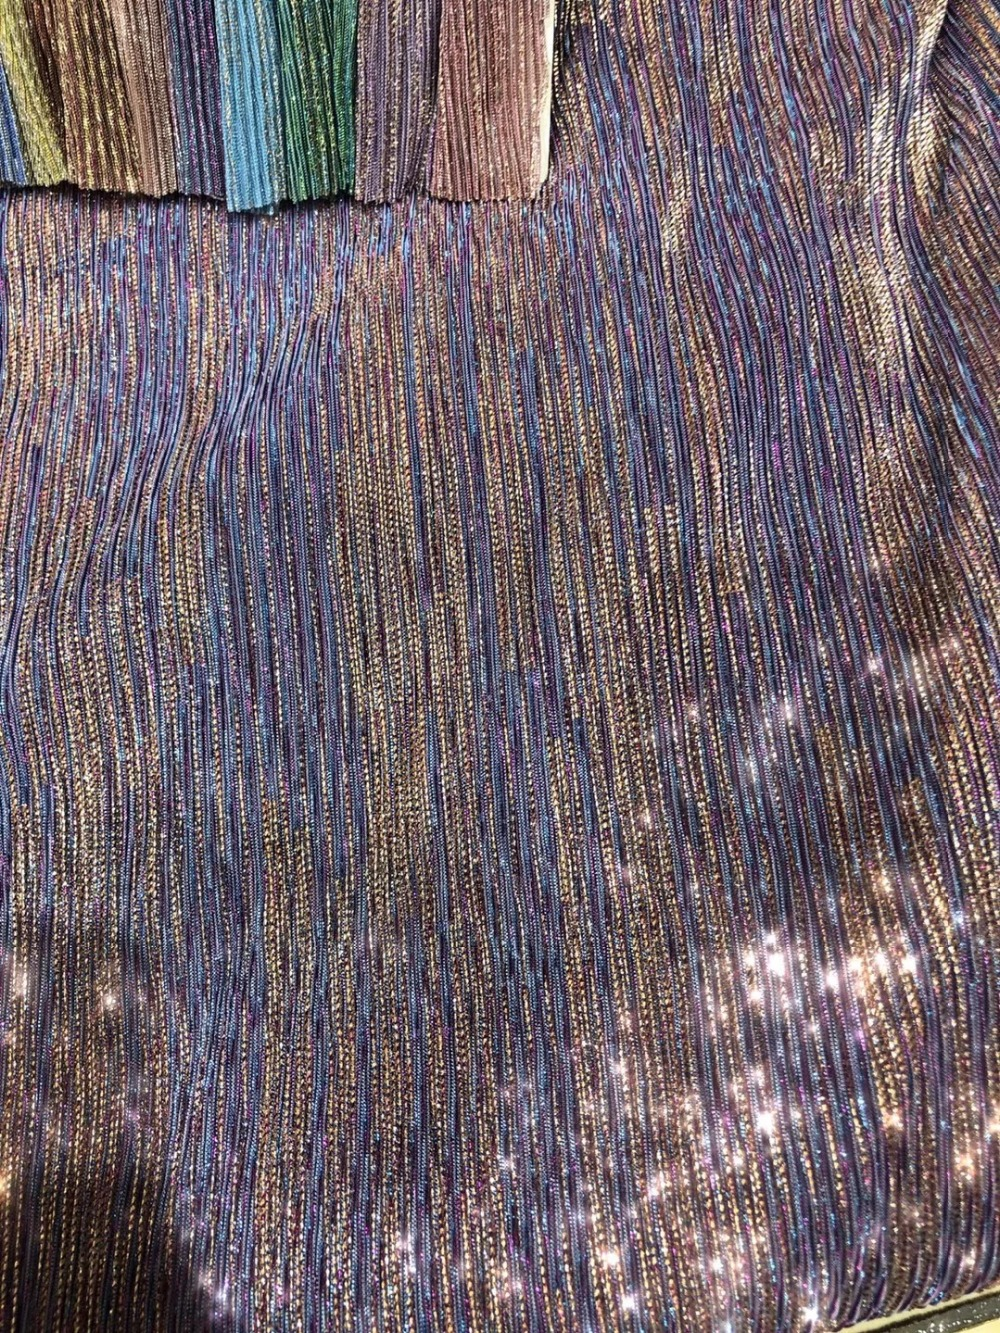 Hoge Kwaliteit Nigeriaanse Borduurwerk Tulle Franse Kant JIANXI.C 3705 afrikaanse Franse Kant Stof-in Kant van Huis & Tuin op  Groep 2